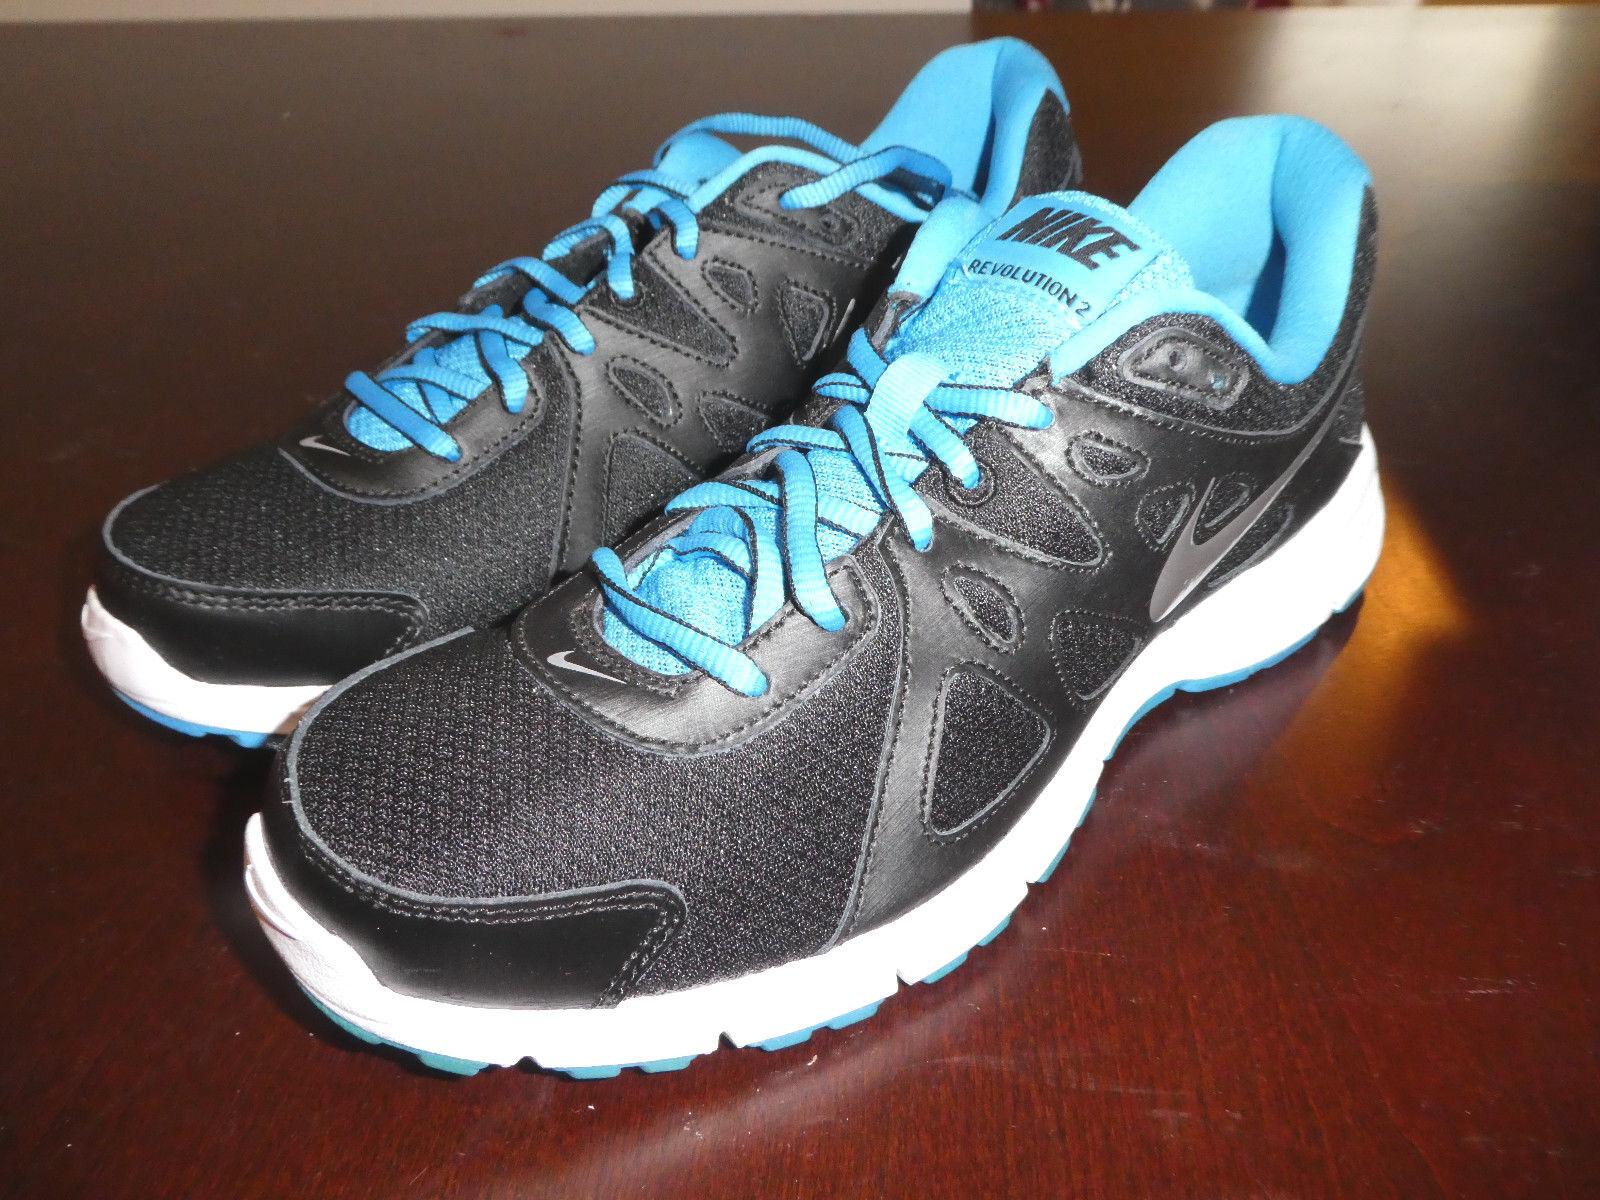 Le scarpe nike rivoluzione 2 uomini scarpe nuove 554953 033